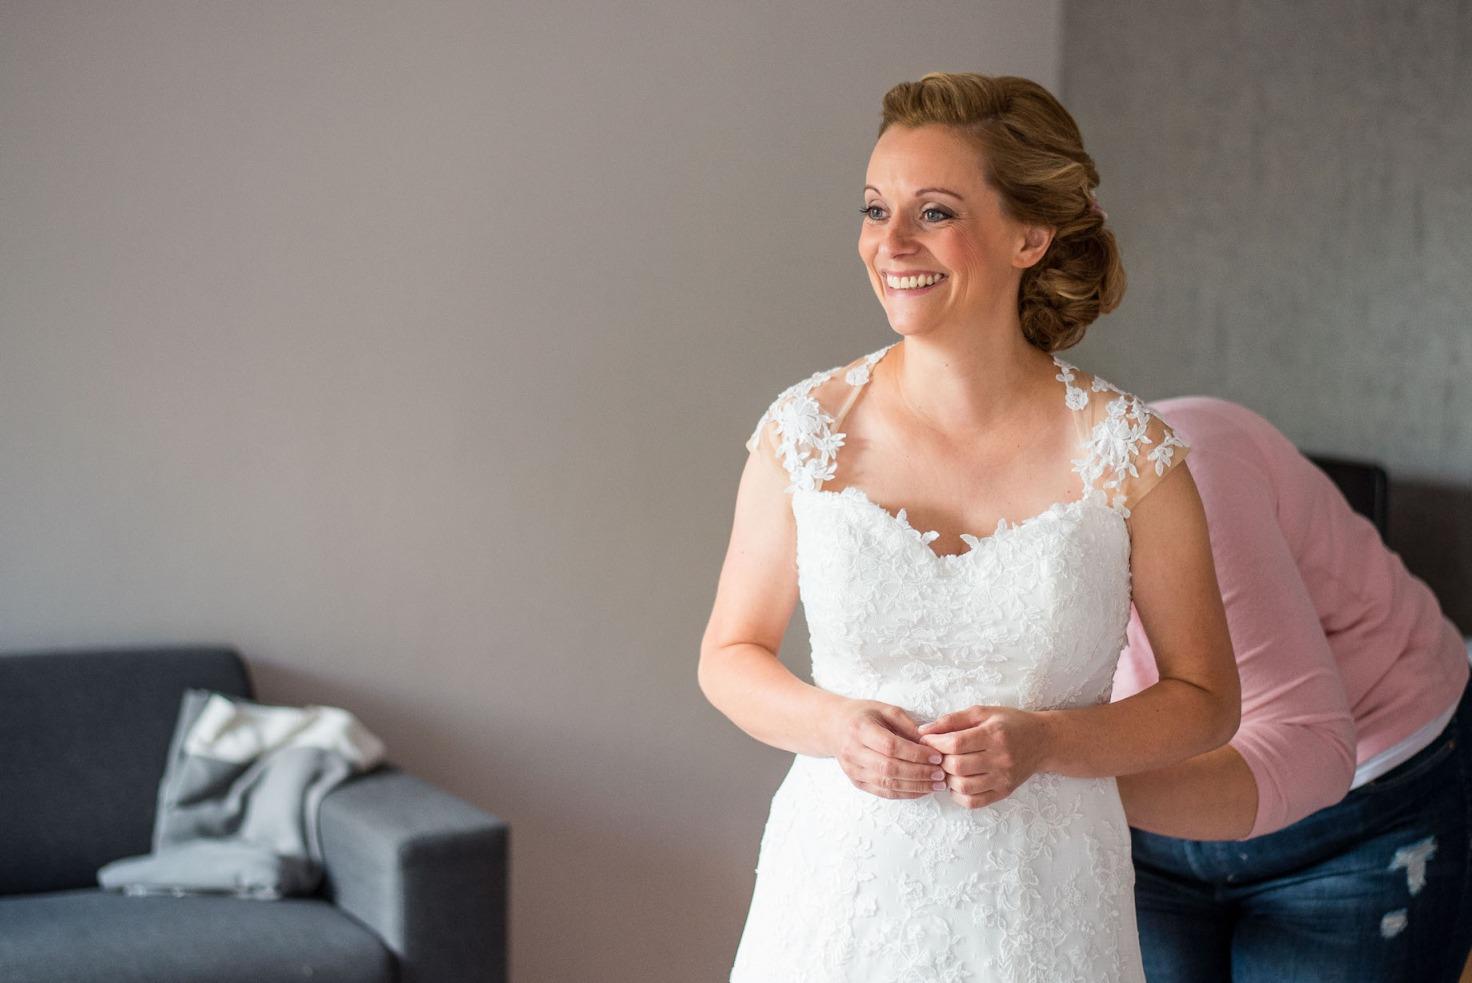 Hochzeit von Sabrina und Michael in Münster: Braut lächelt